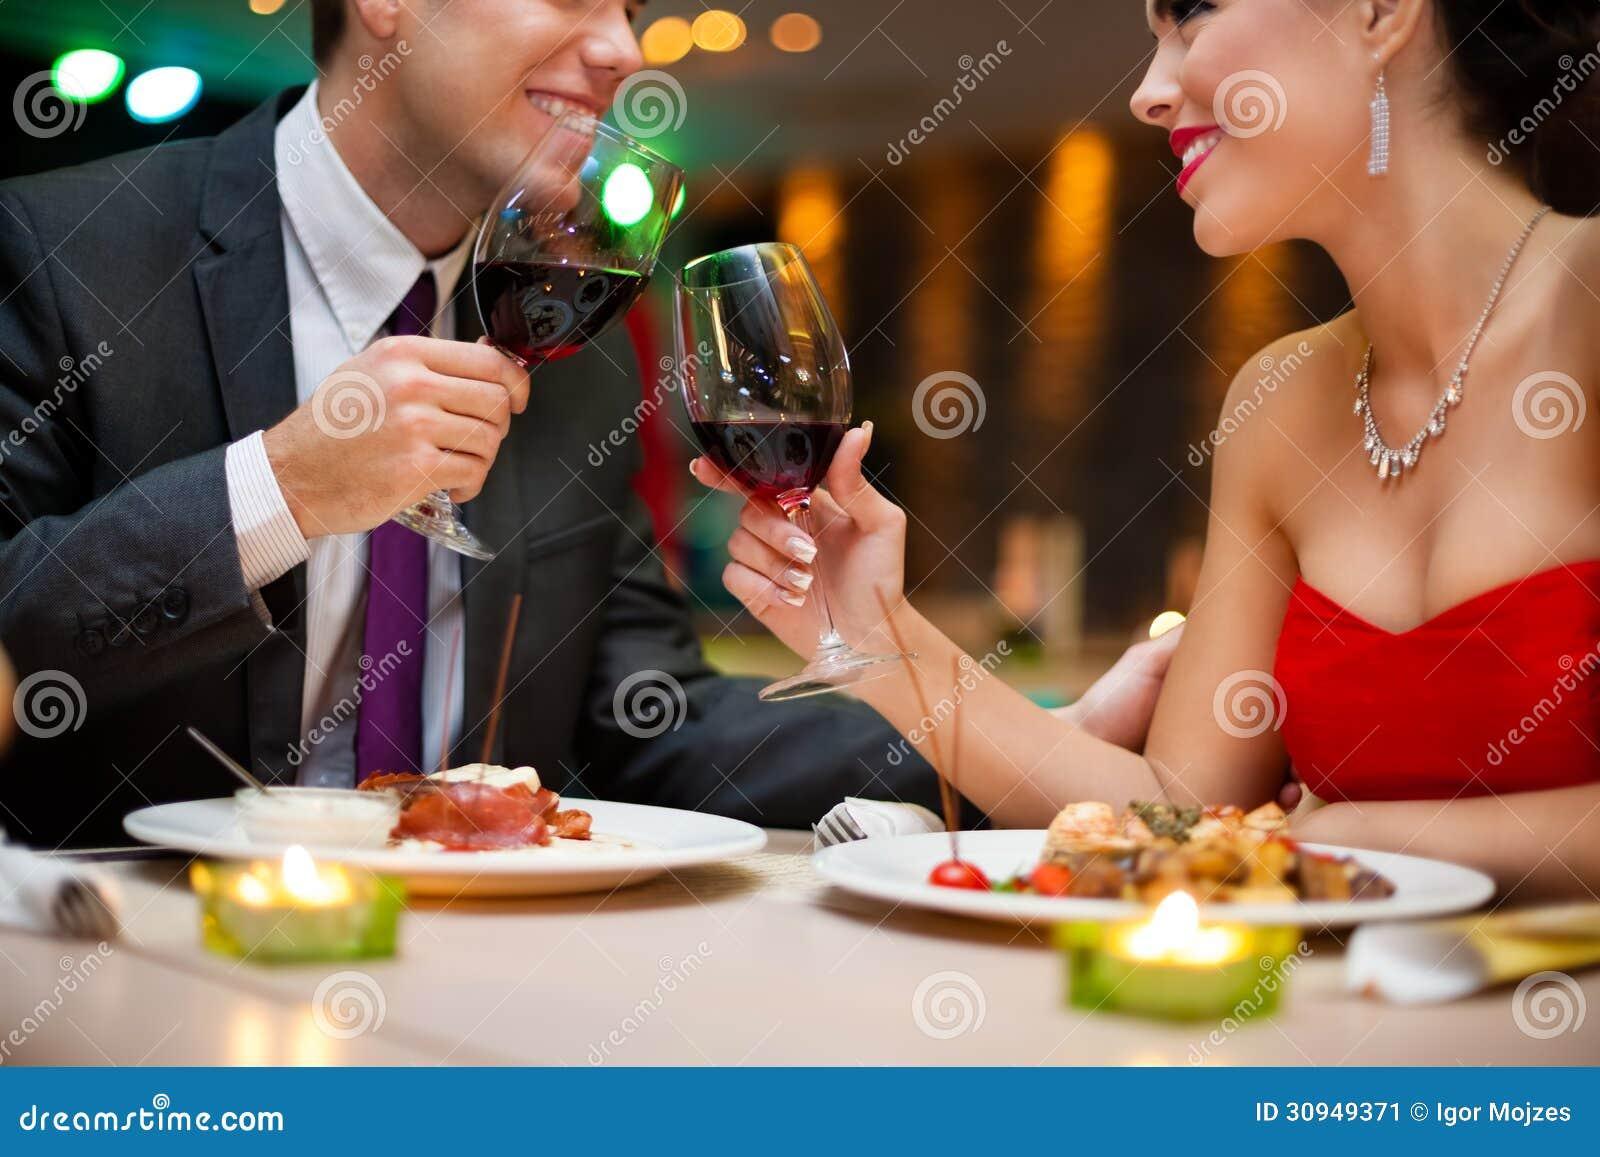 Романтический ужин перешел в секс 26 фотография